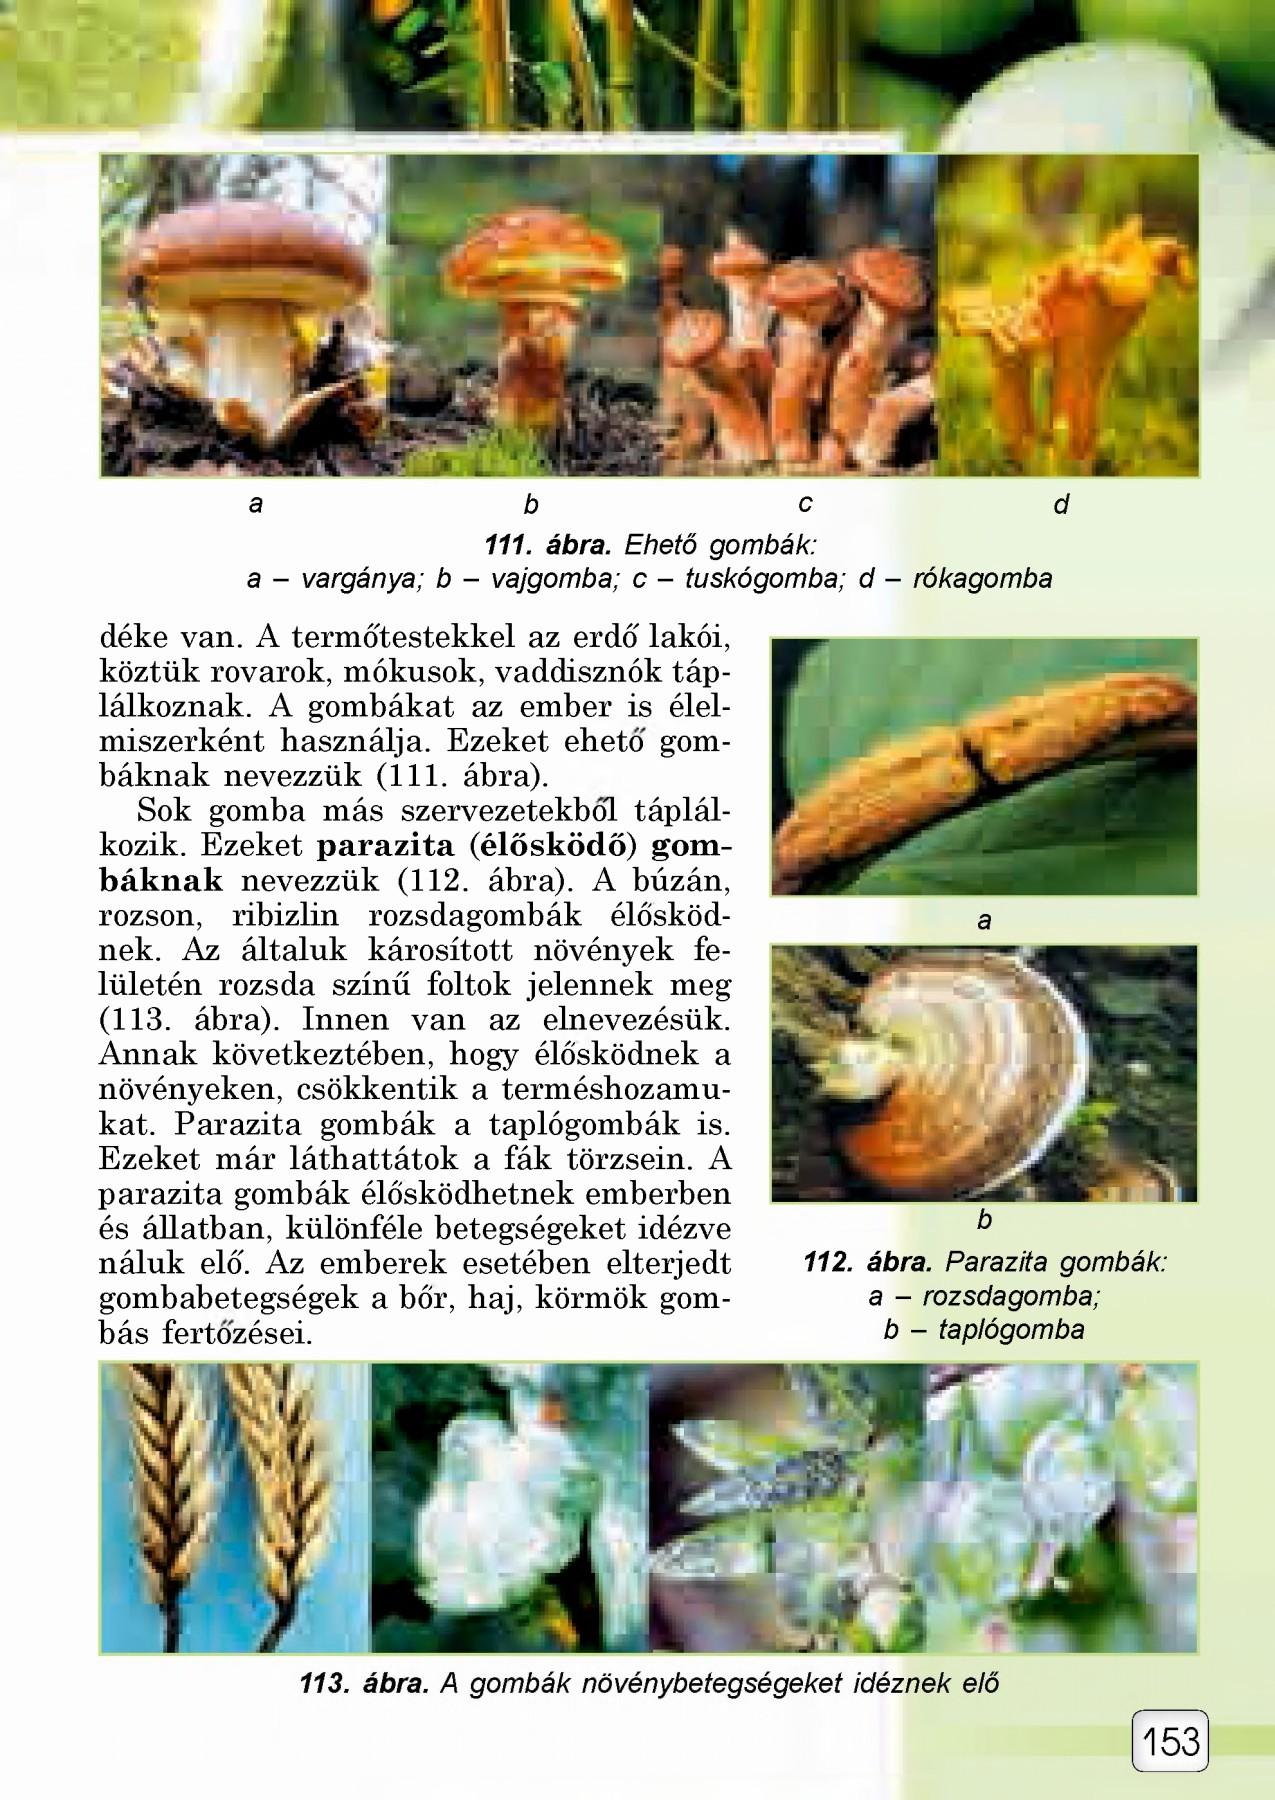 paraziták az ökológiában